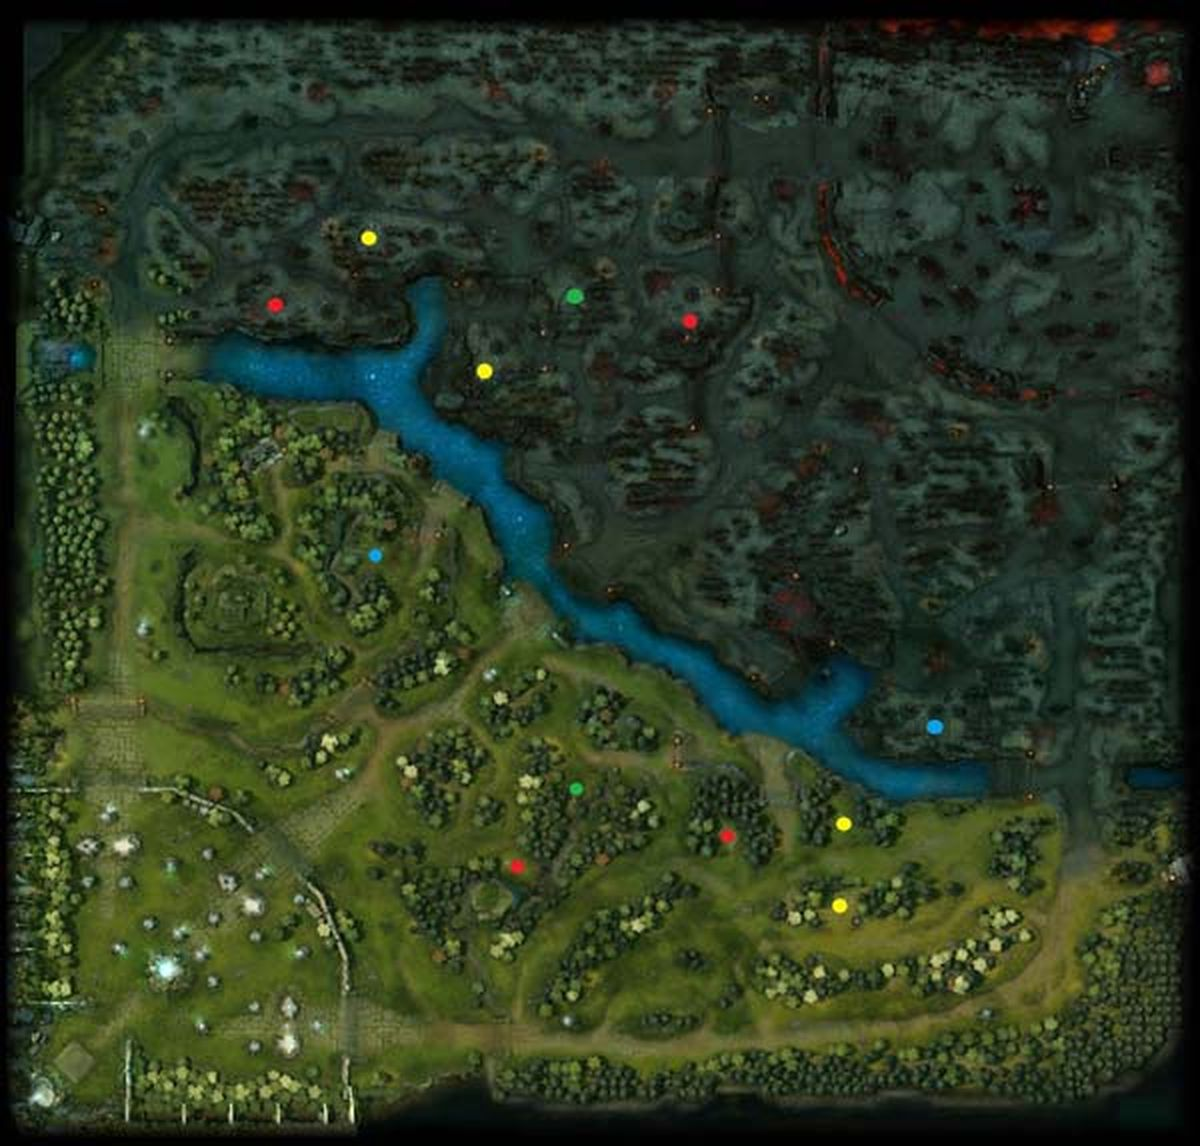 Dota 2 est le plus populaire sur l'esport. Pourquoi le confond-t-on souvent avec League of Legends ? Est-ce qu'il est aussi difficile que ça que de débuter sur Dota 2 ? Dans ce guide ultime, nous couvrons tous les aspects du jeu.